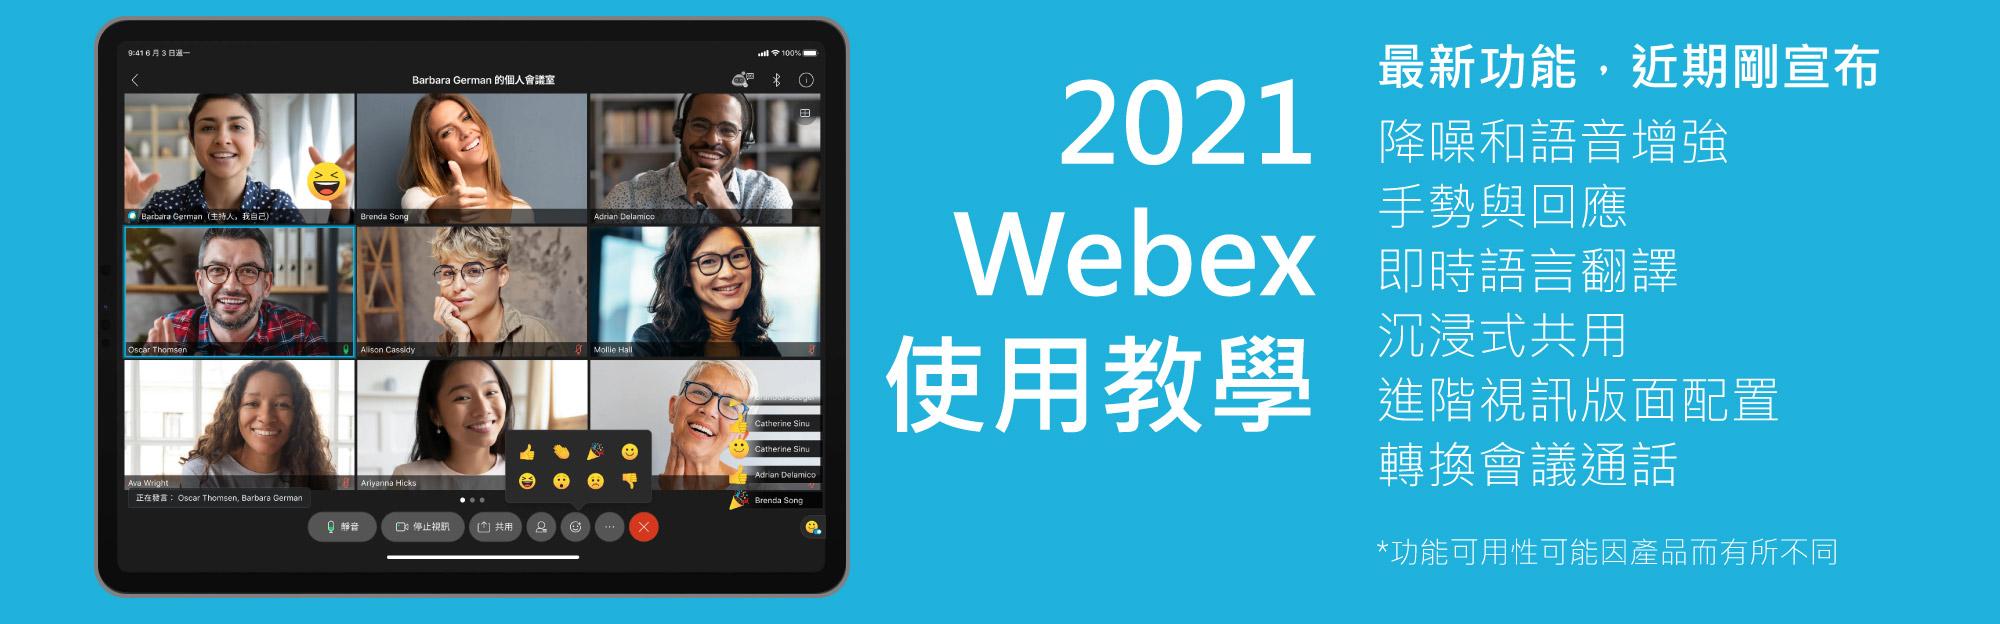 Cisco Webex 操作手冊